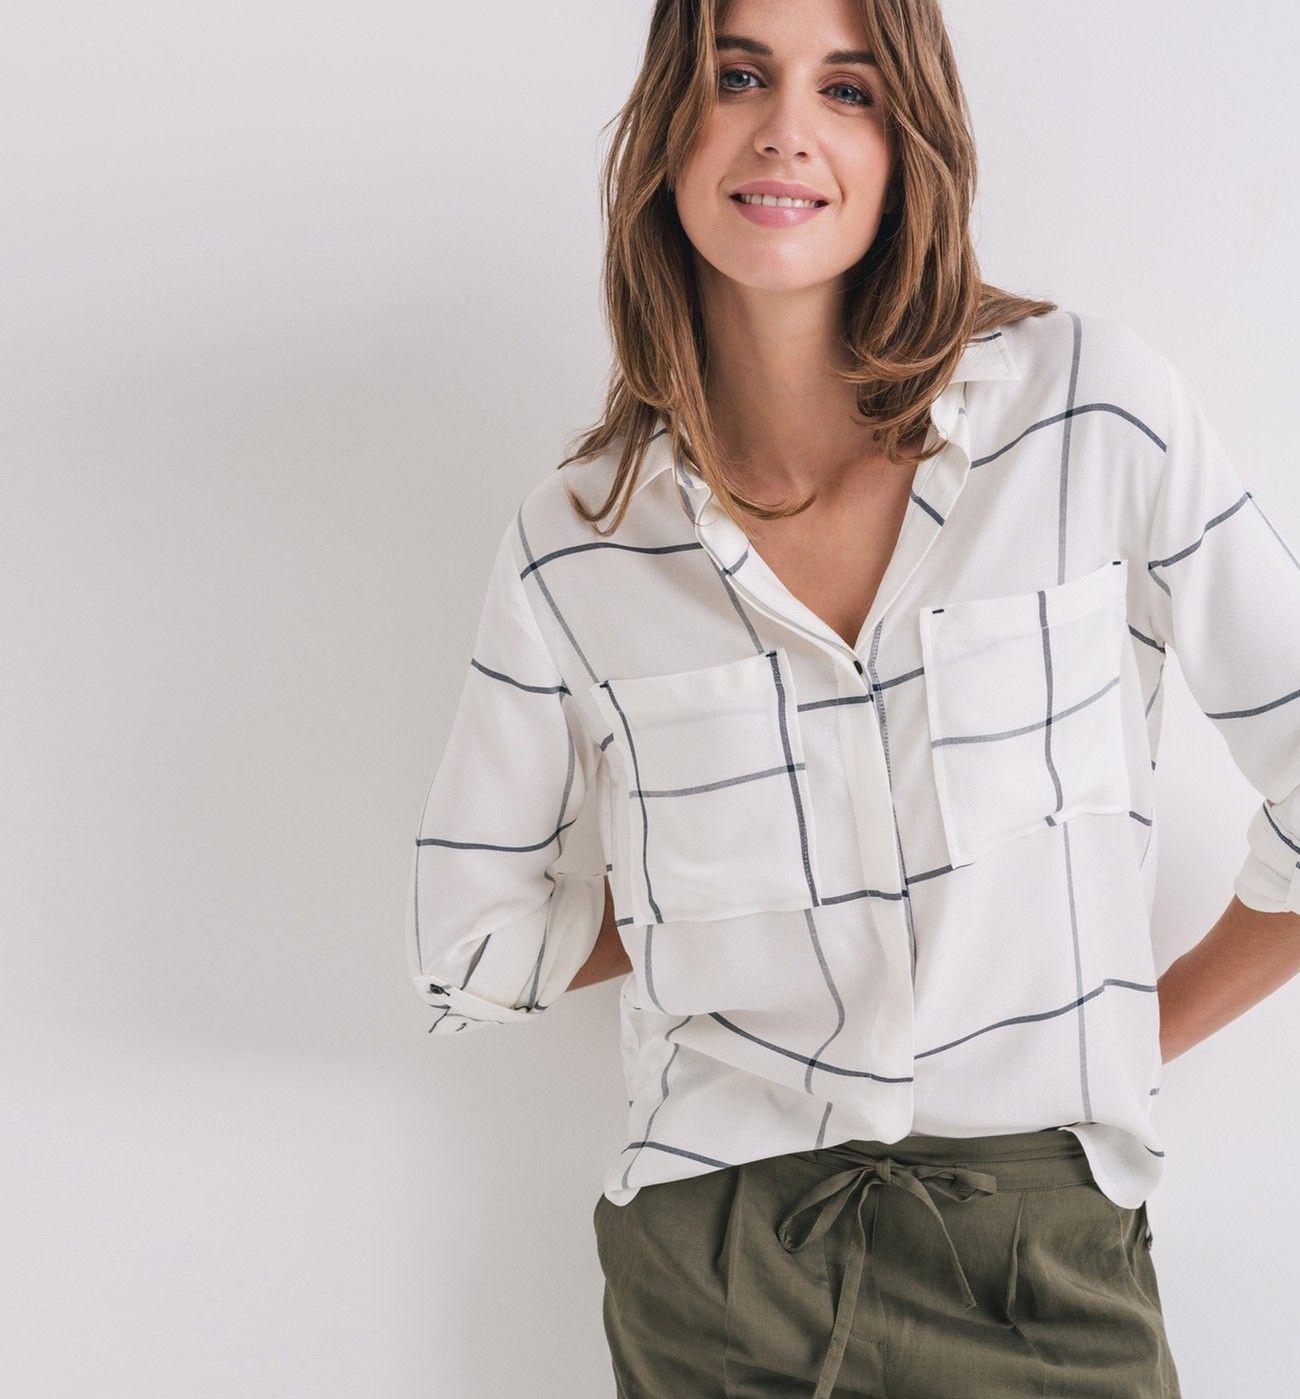 Les chemises et chemisiers automne-hiver pour femmes sont sur la boutique  en ligne Promod : mode femme - ✓Livraison et retour gratuits en boutique.